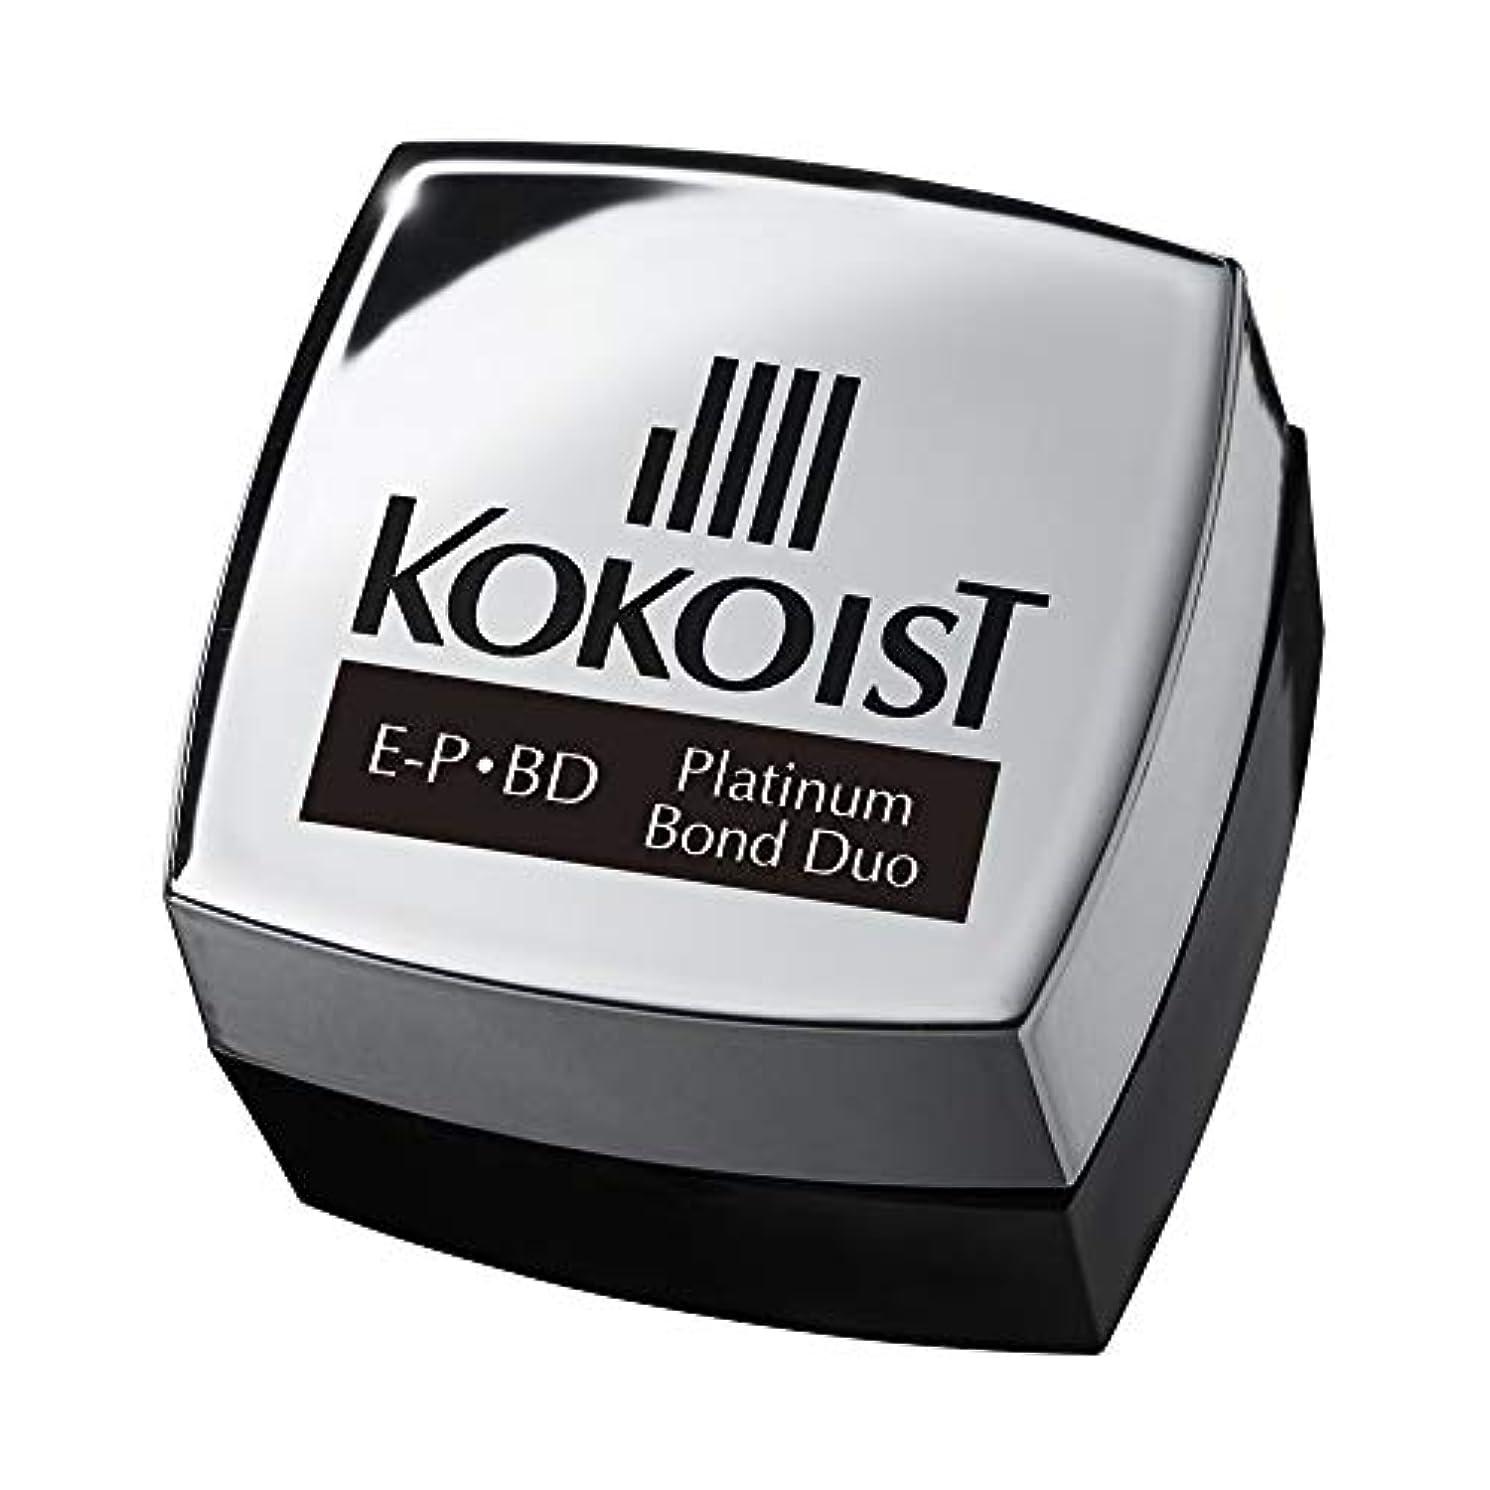 エミュレーションれんが促進するKOKOIST プラチナボンドデュオ 4g UV/LED対応